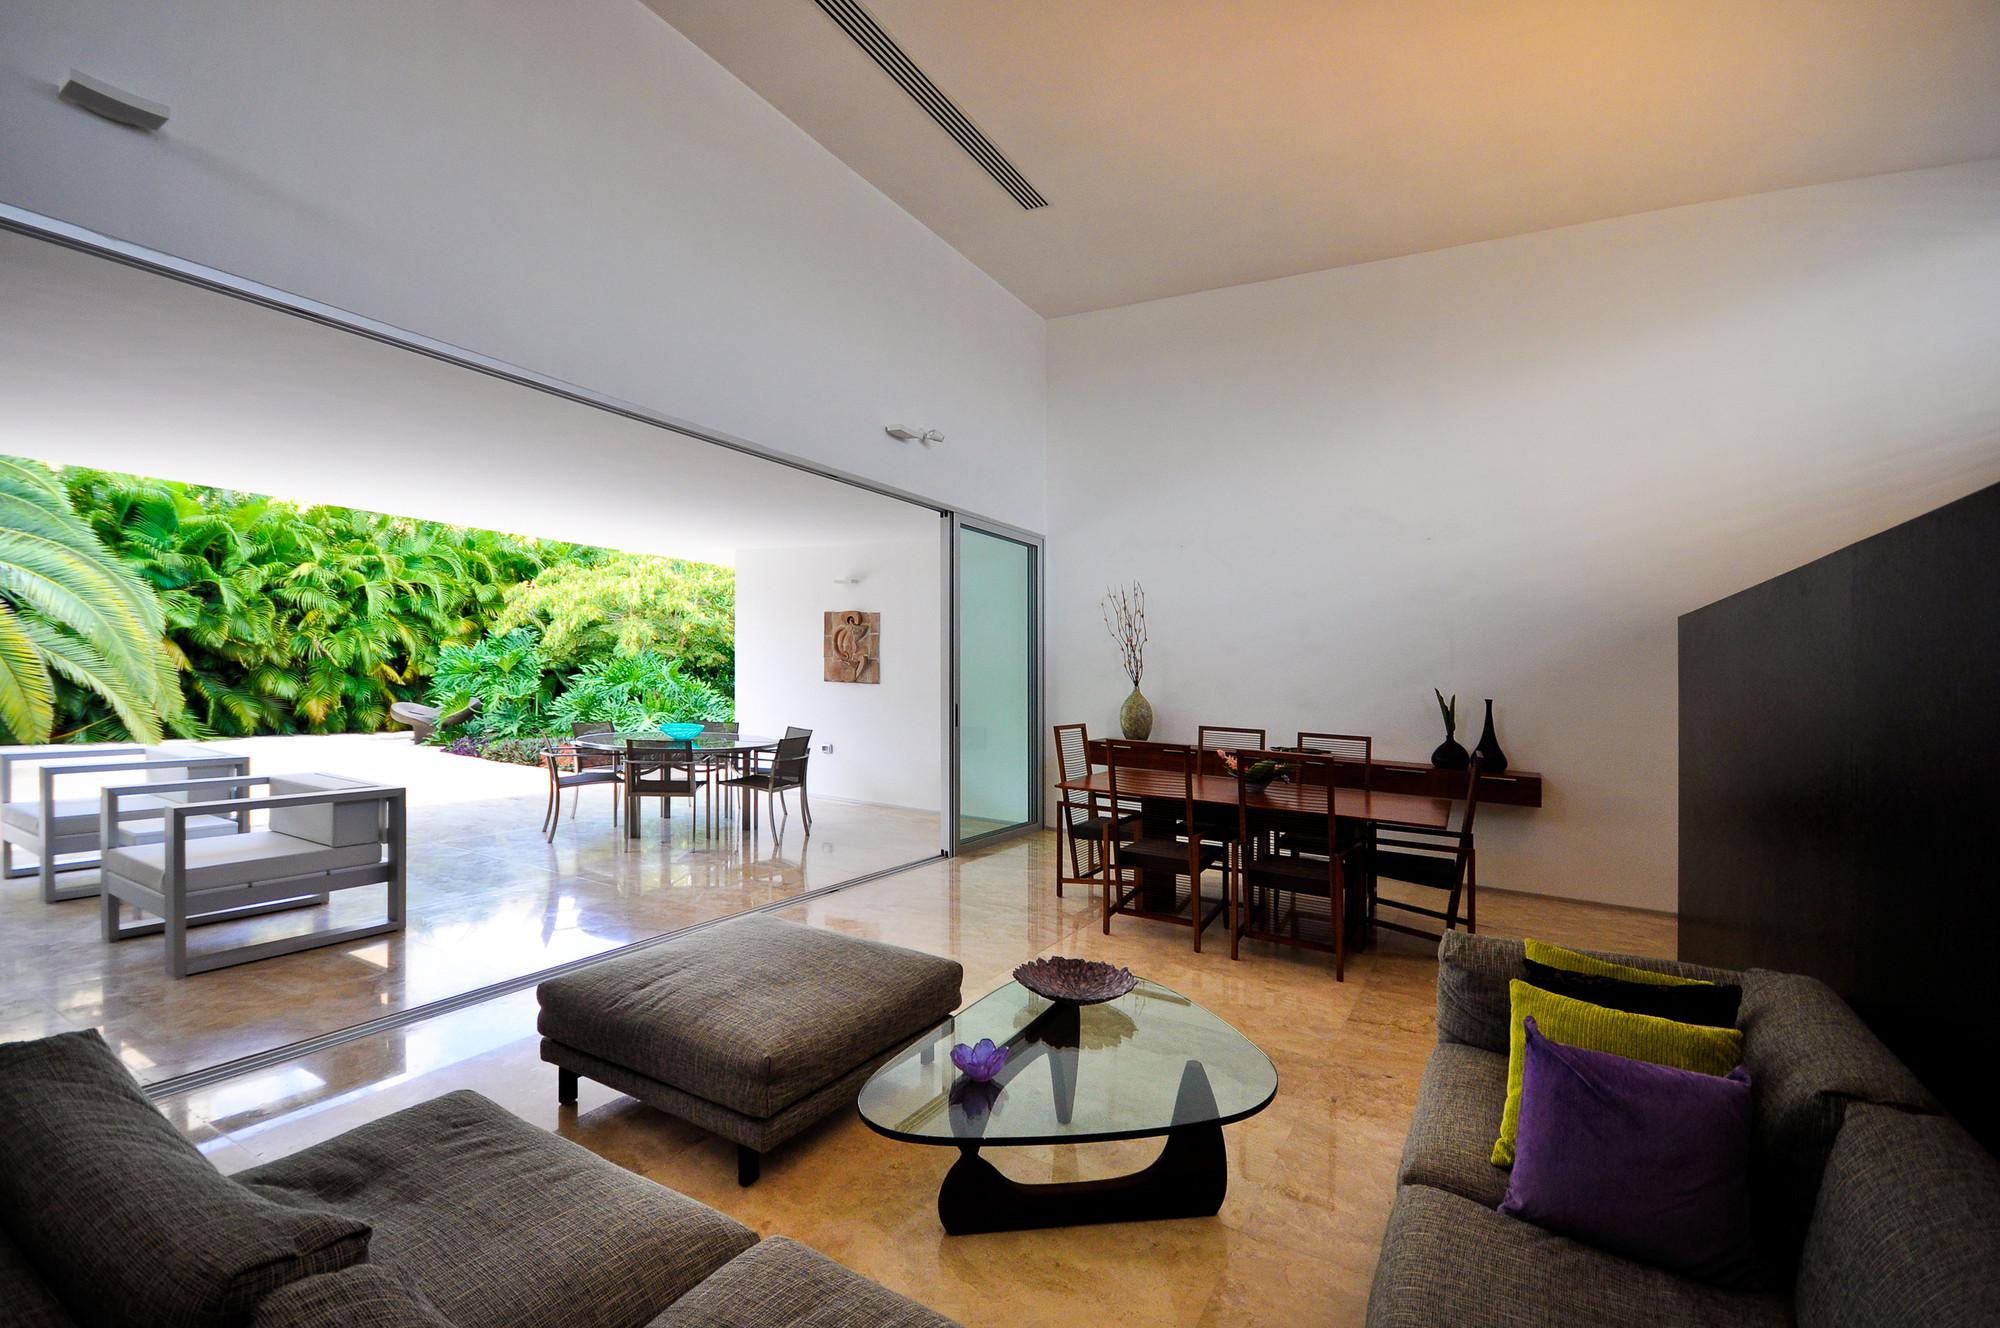 Galer a de casa rajuela mu oz arquitectos 10 - Costruire casa costo ...